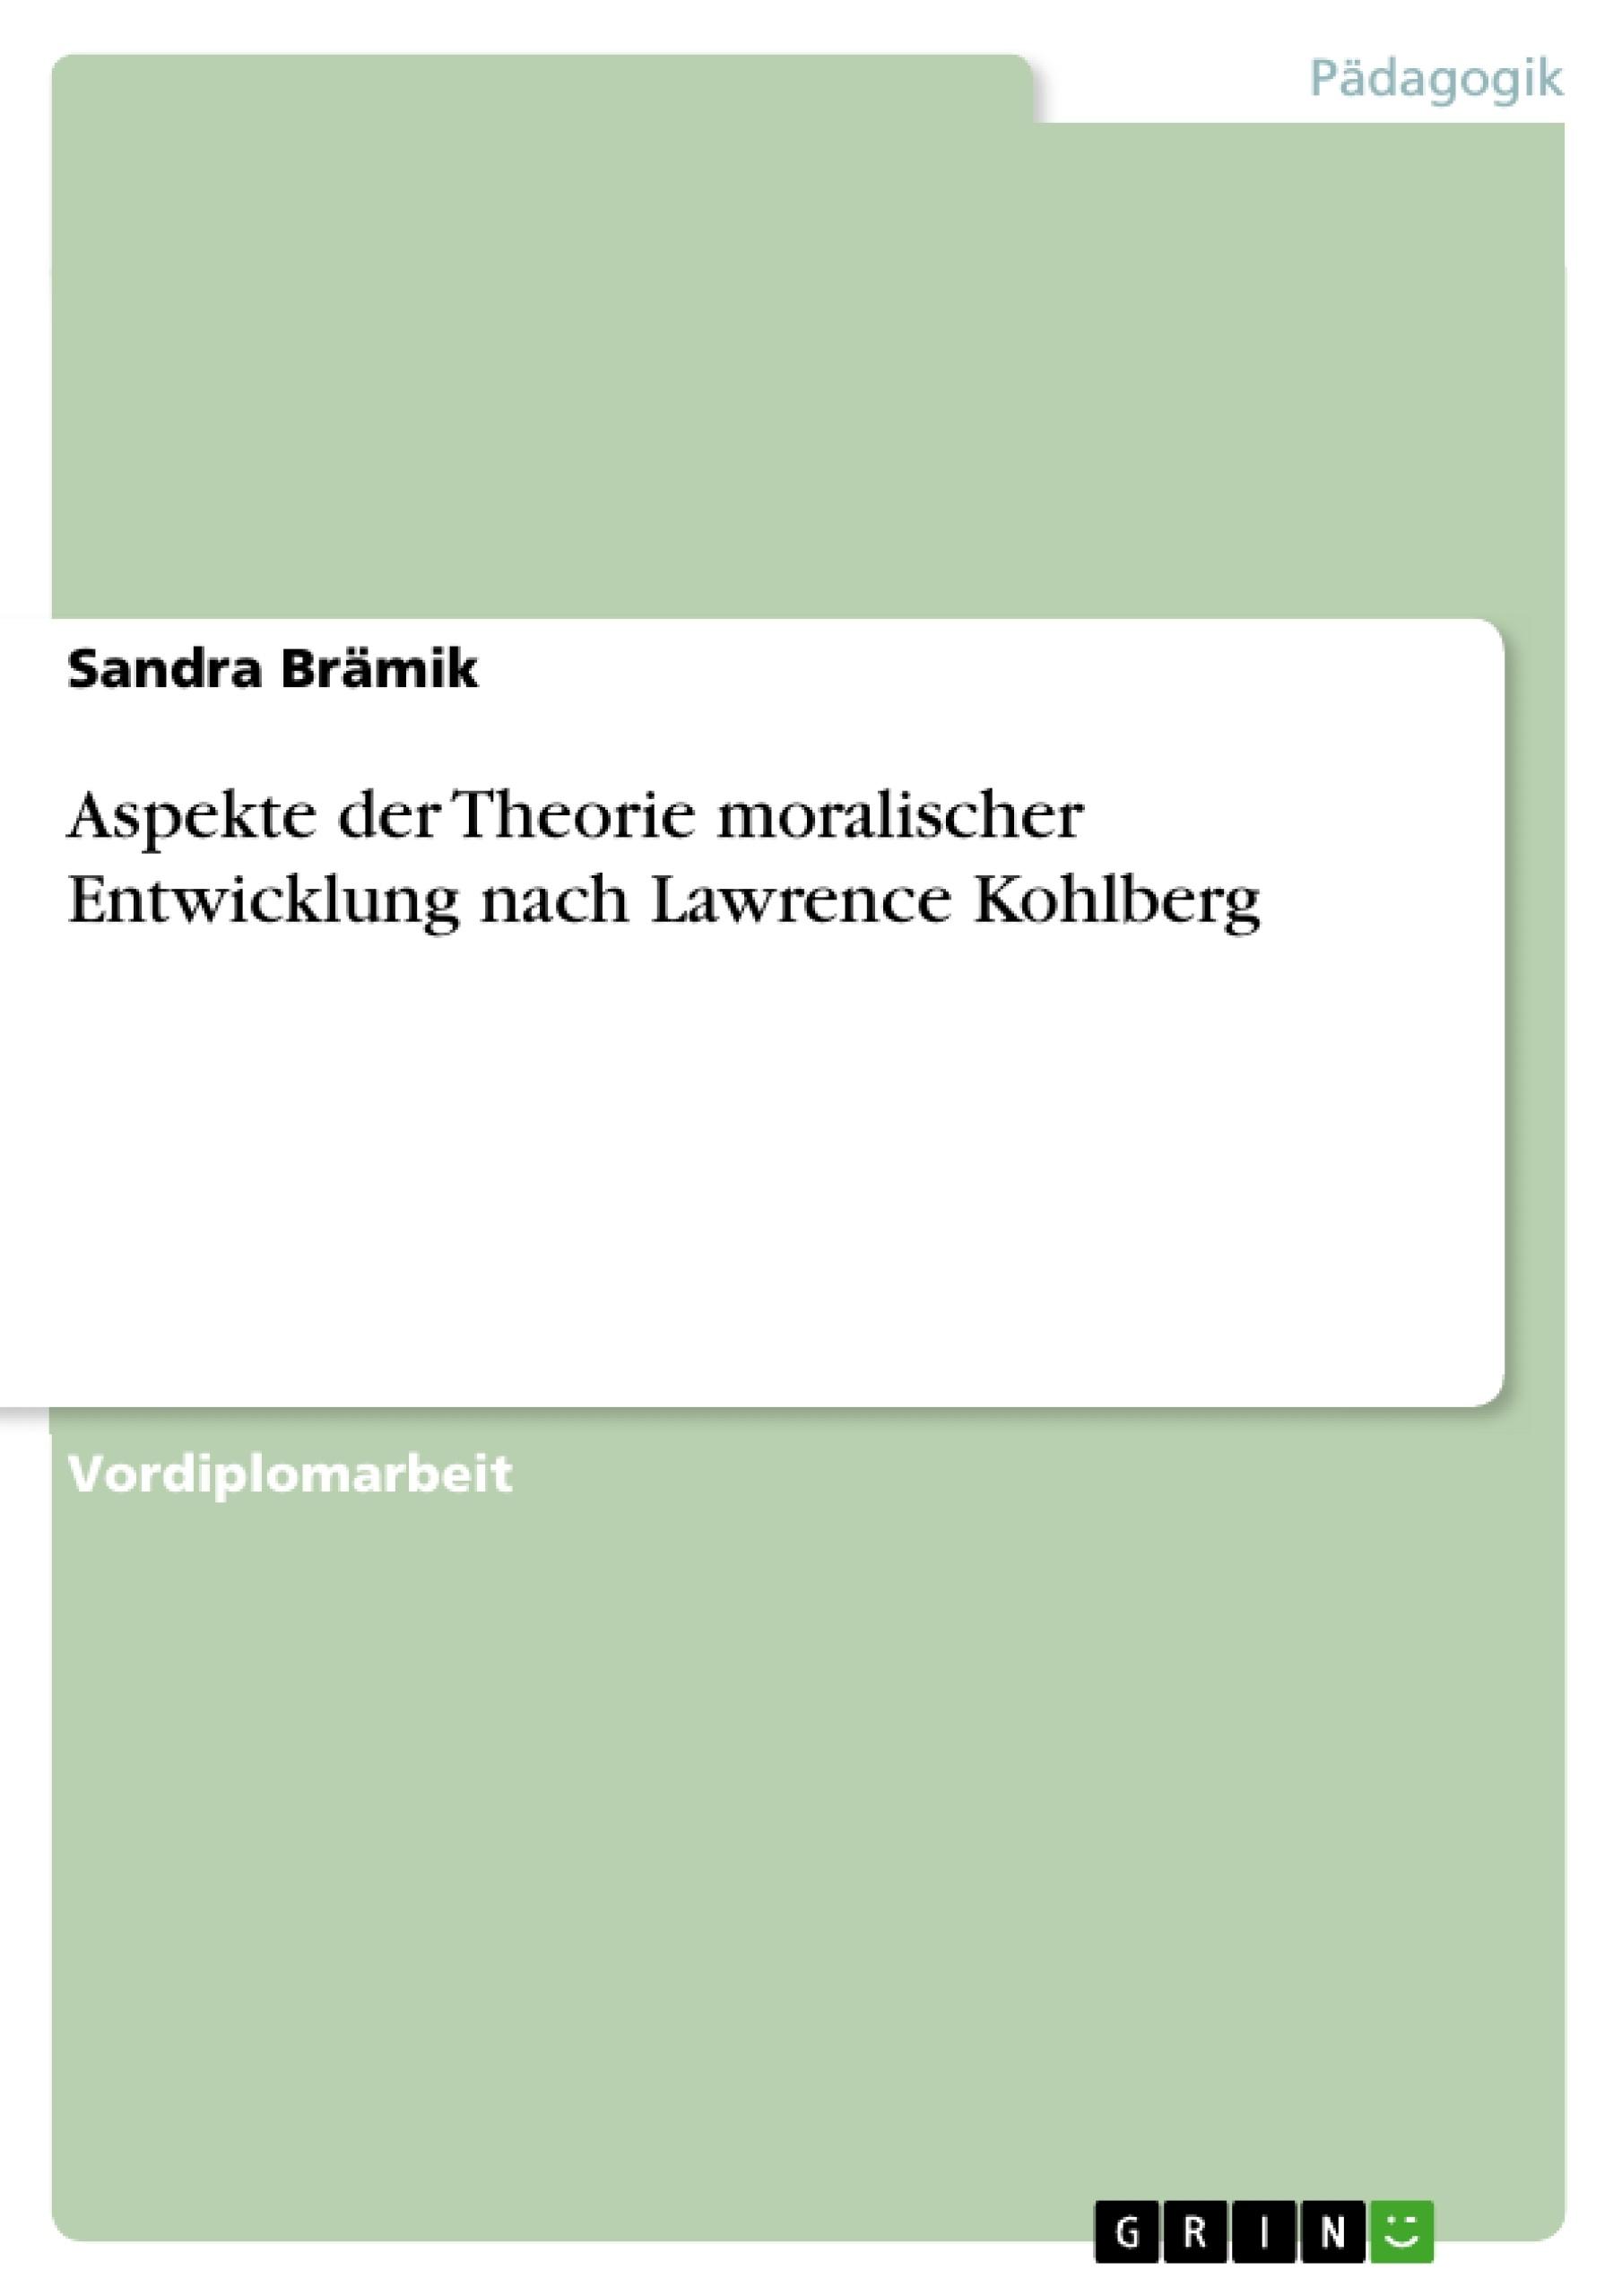 Titel: Aspekte der Theorie moralischer Entwicklung nach Lawrence Kohlberg